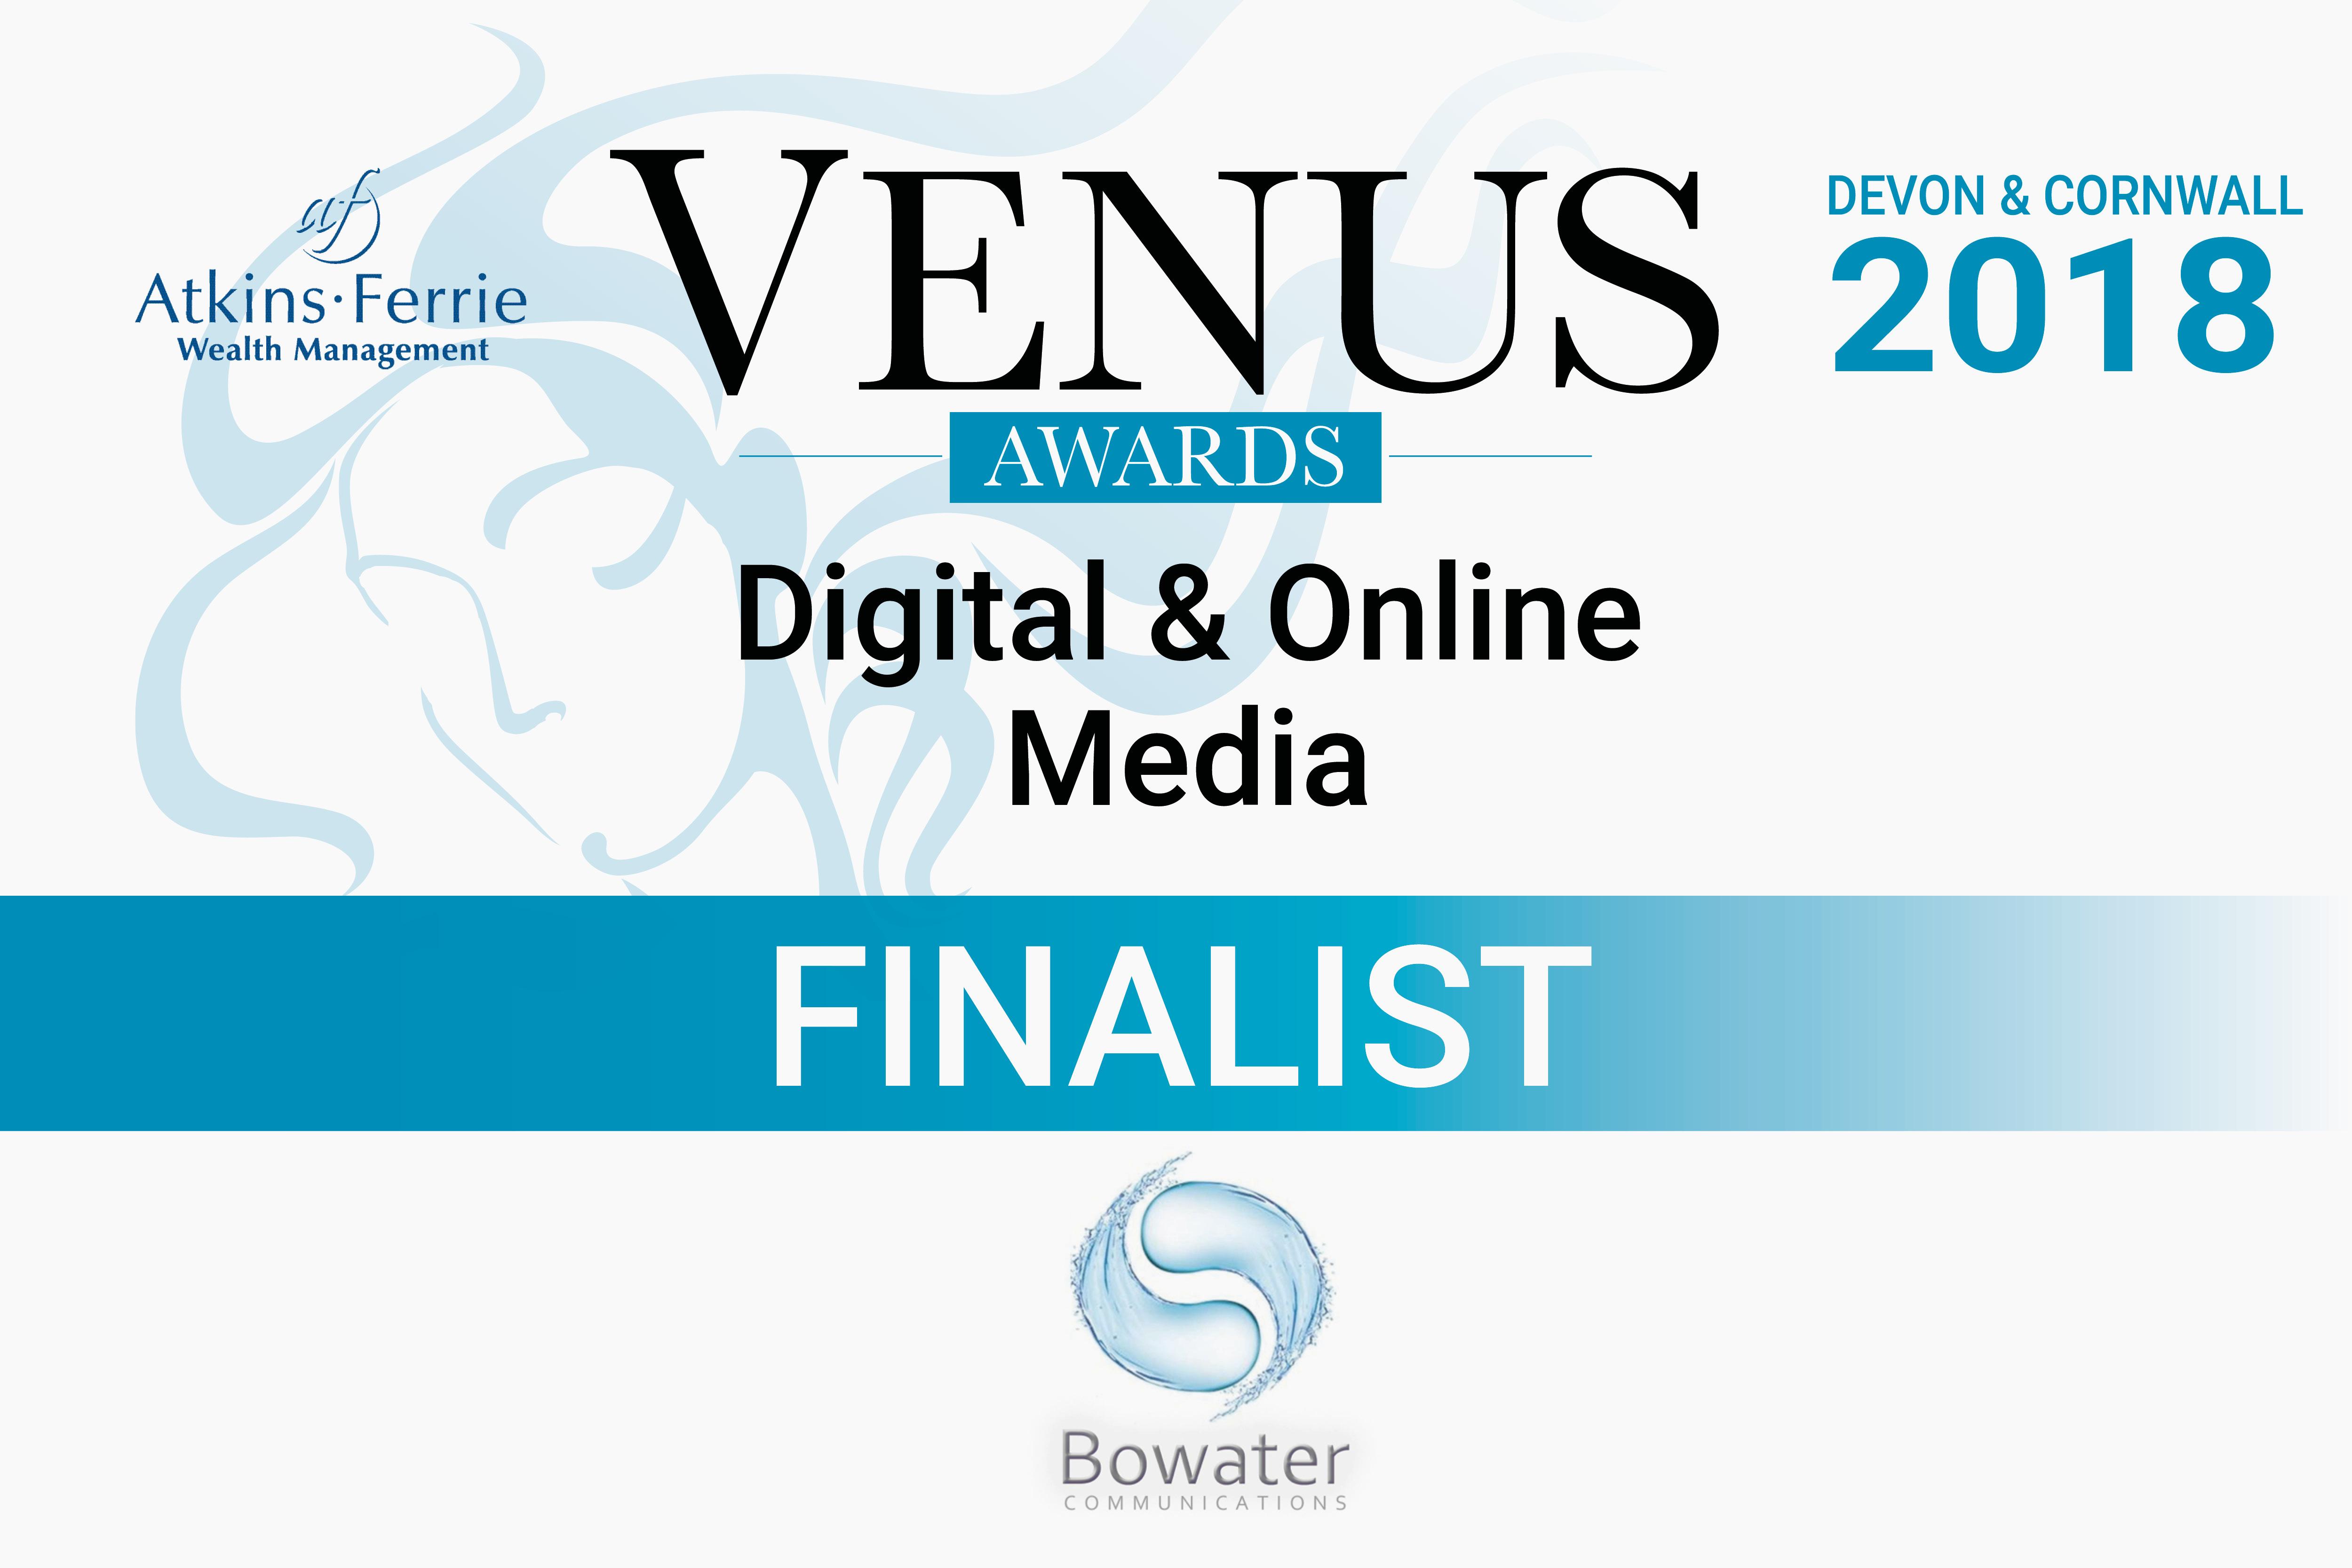 Devon_2018_digitalonline_finalist_stackedjpg